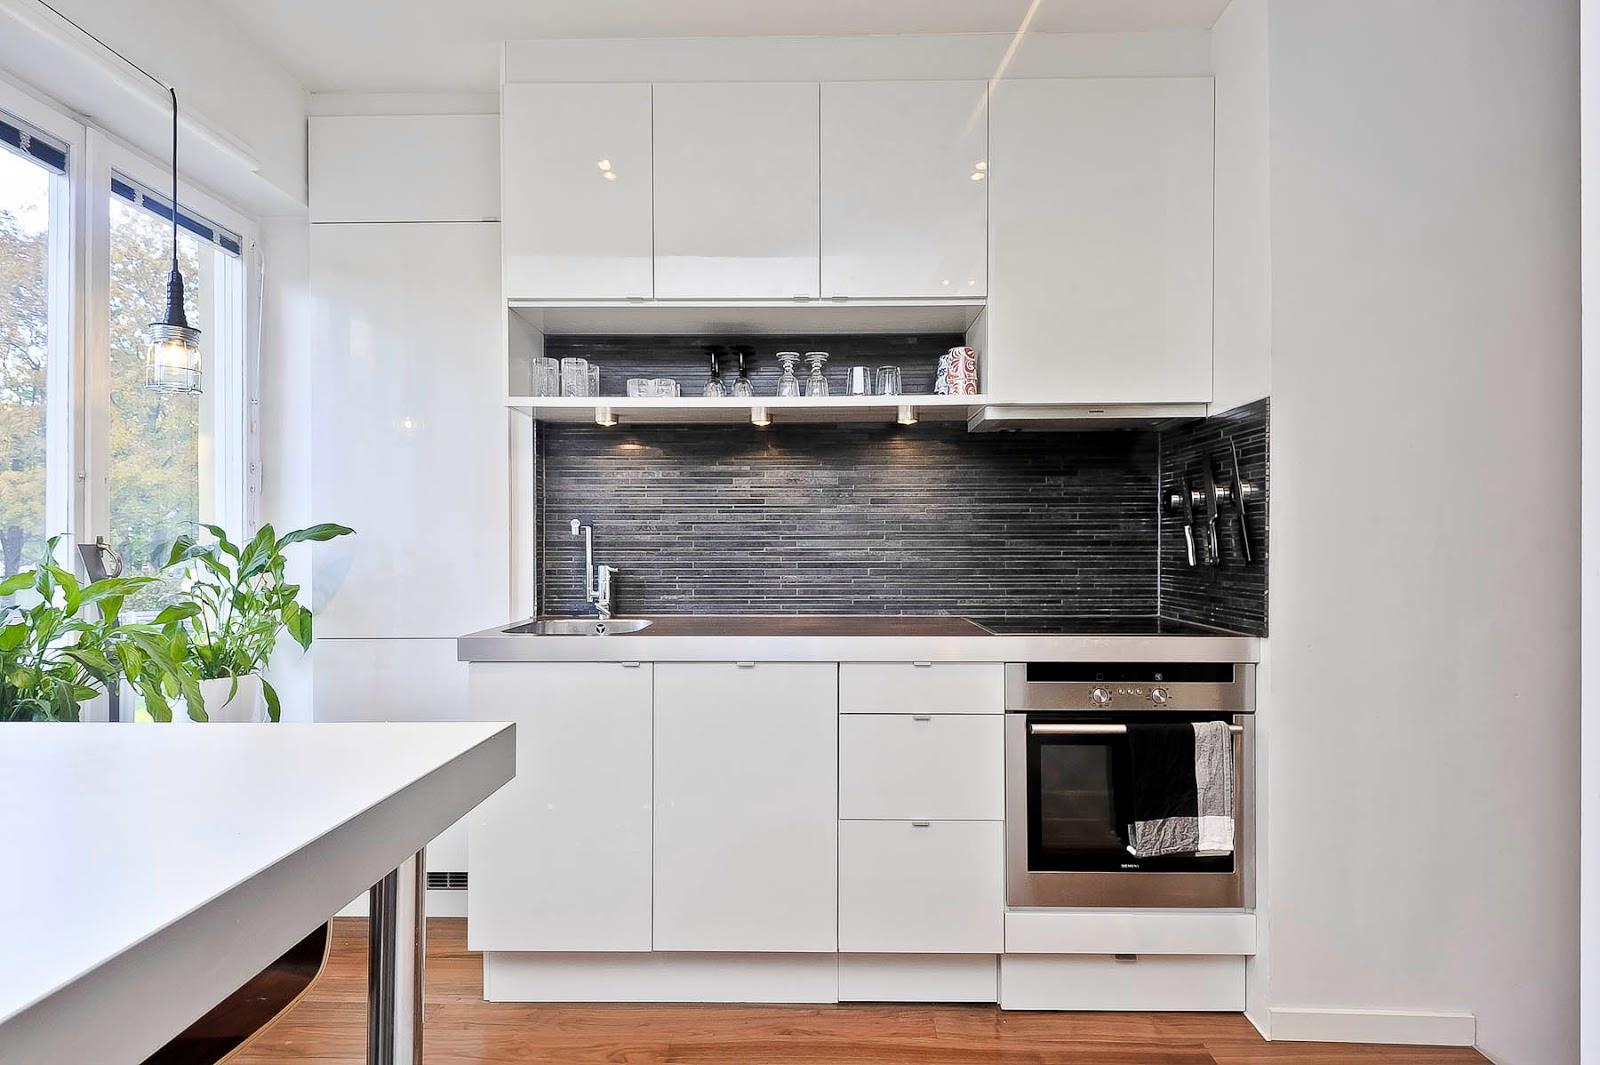 funktsionalen-i-izobilstvasht-ot-dobri-idei-malak-apartament-30-m-2g